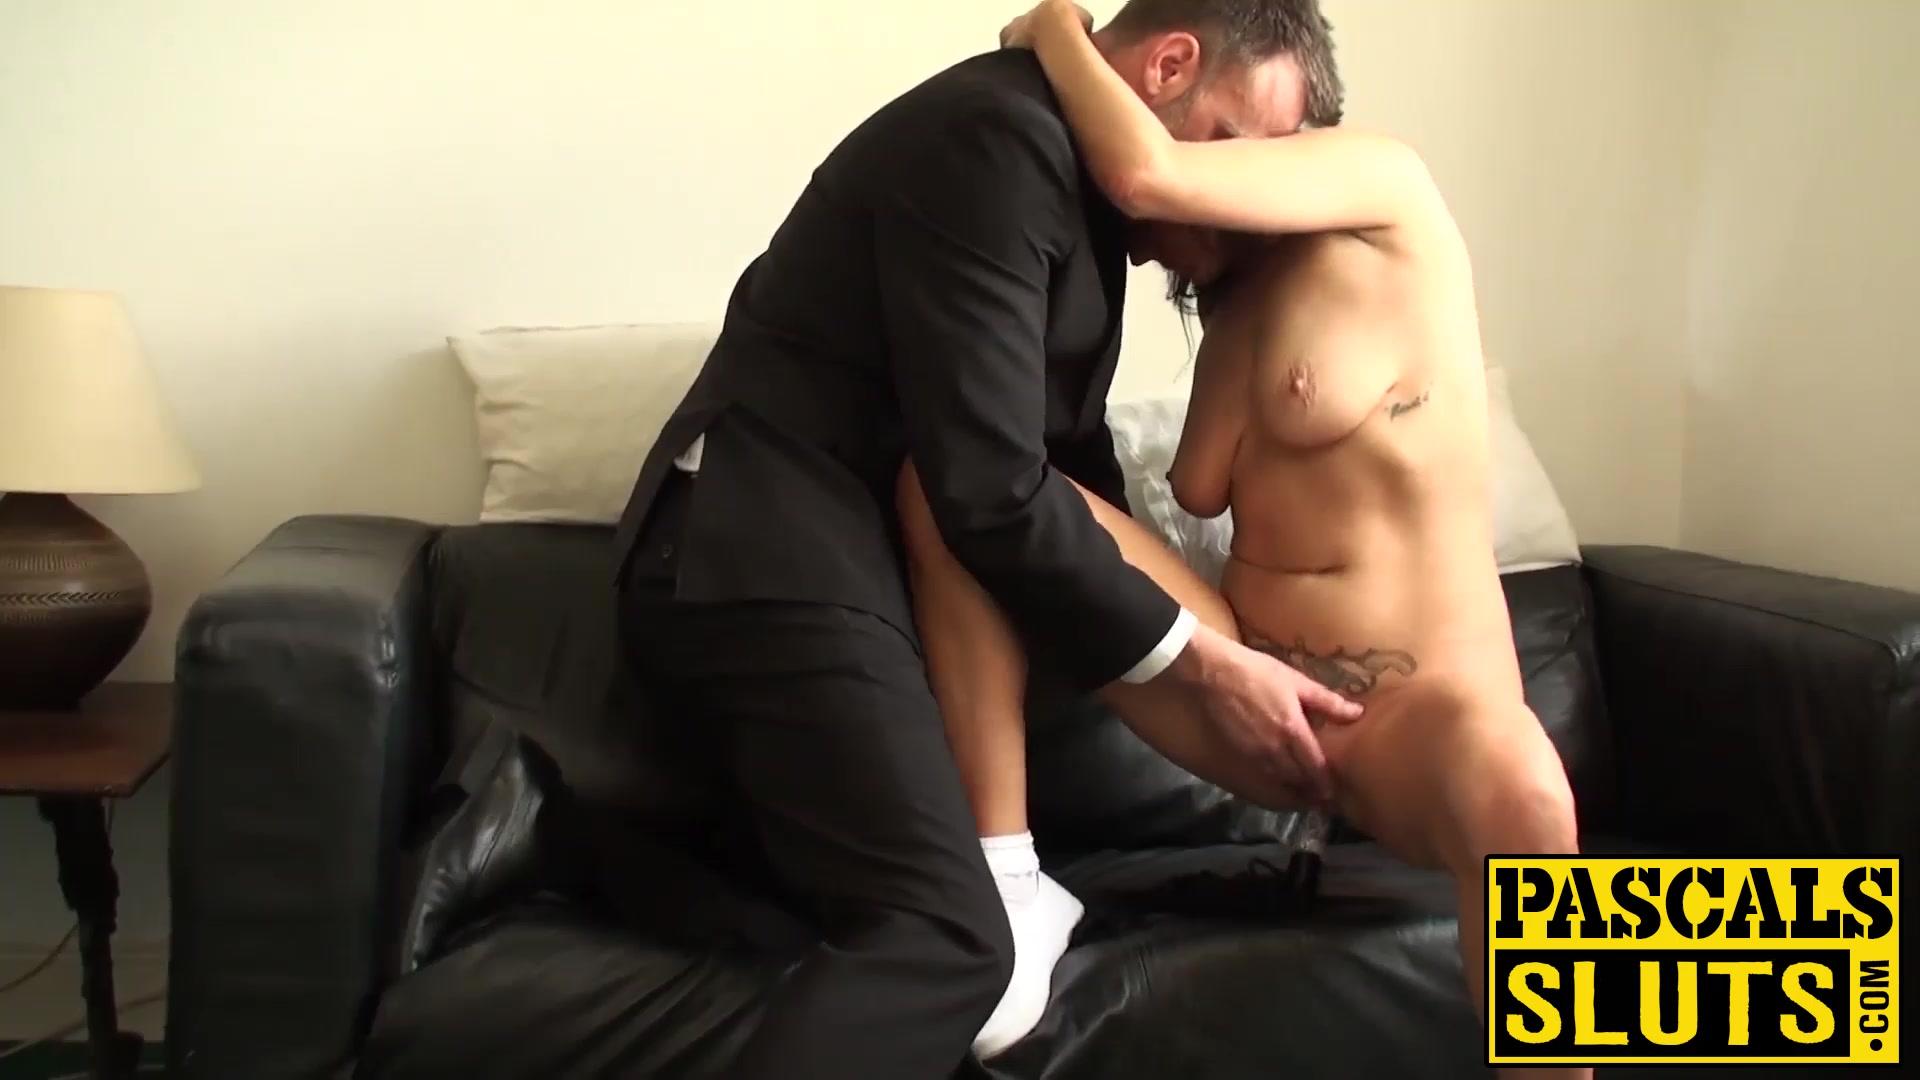 Porn Base Xadrez como jogar yahoo dating